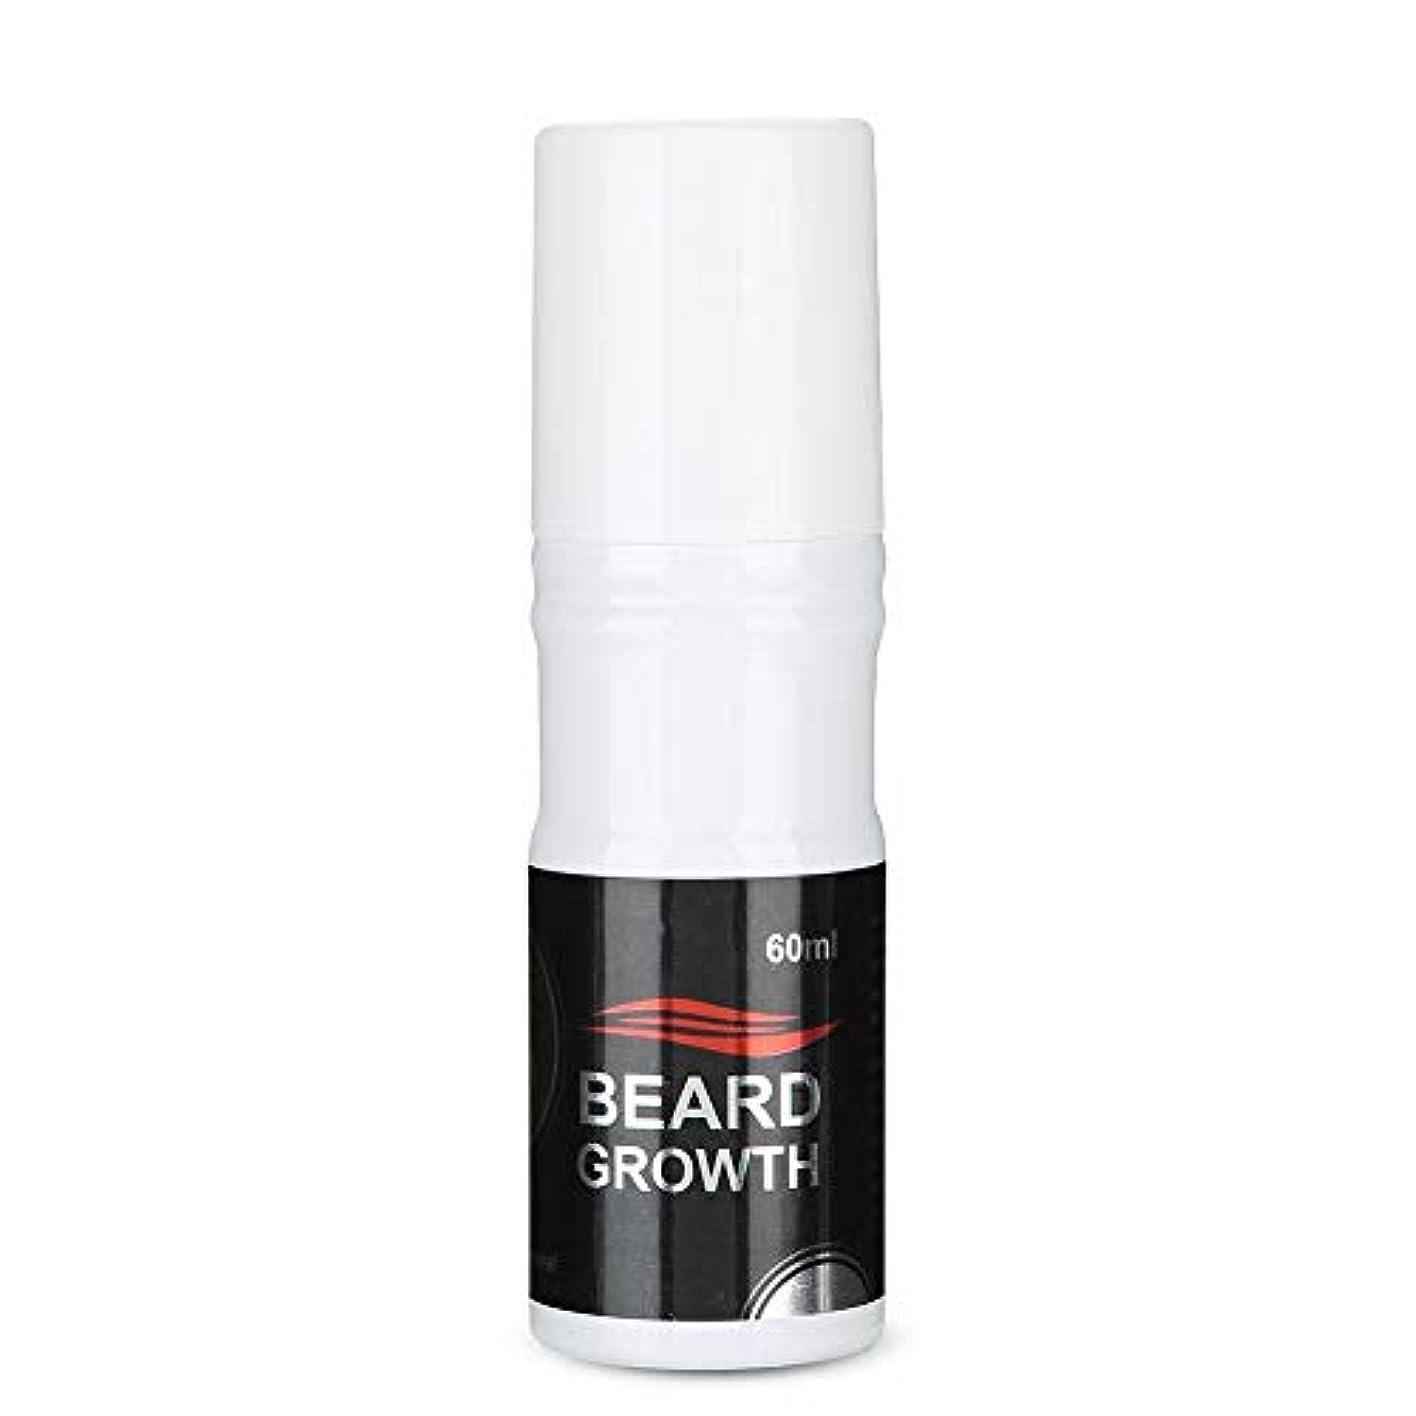 拡散するクレーター涙Semme 60ml男性のひげの成長のスプレー、より厚いのための自然で加速するひげの成長オイルの顔の毛の成長Lequidおよびより完全なひげ